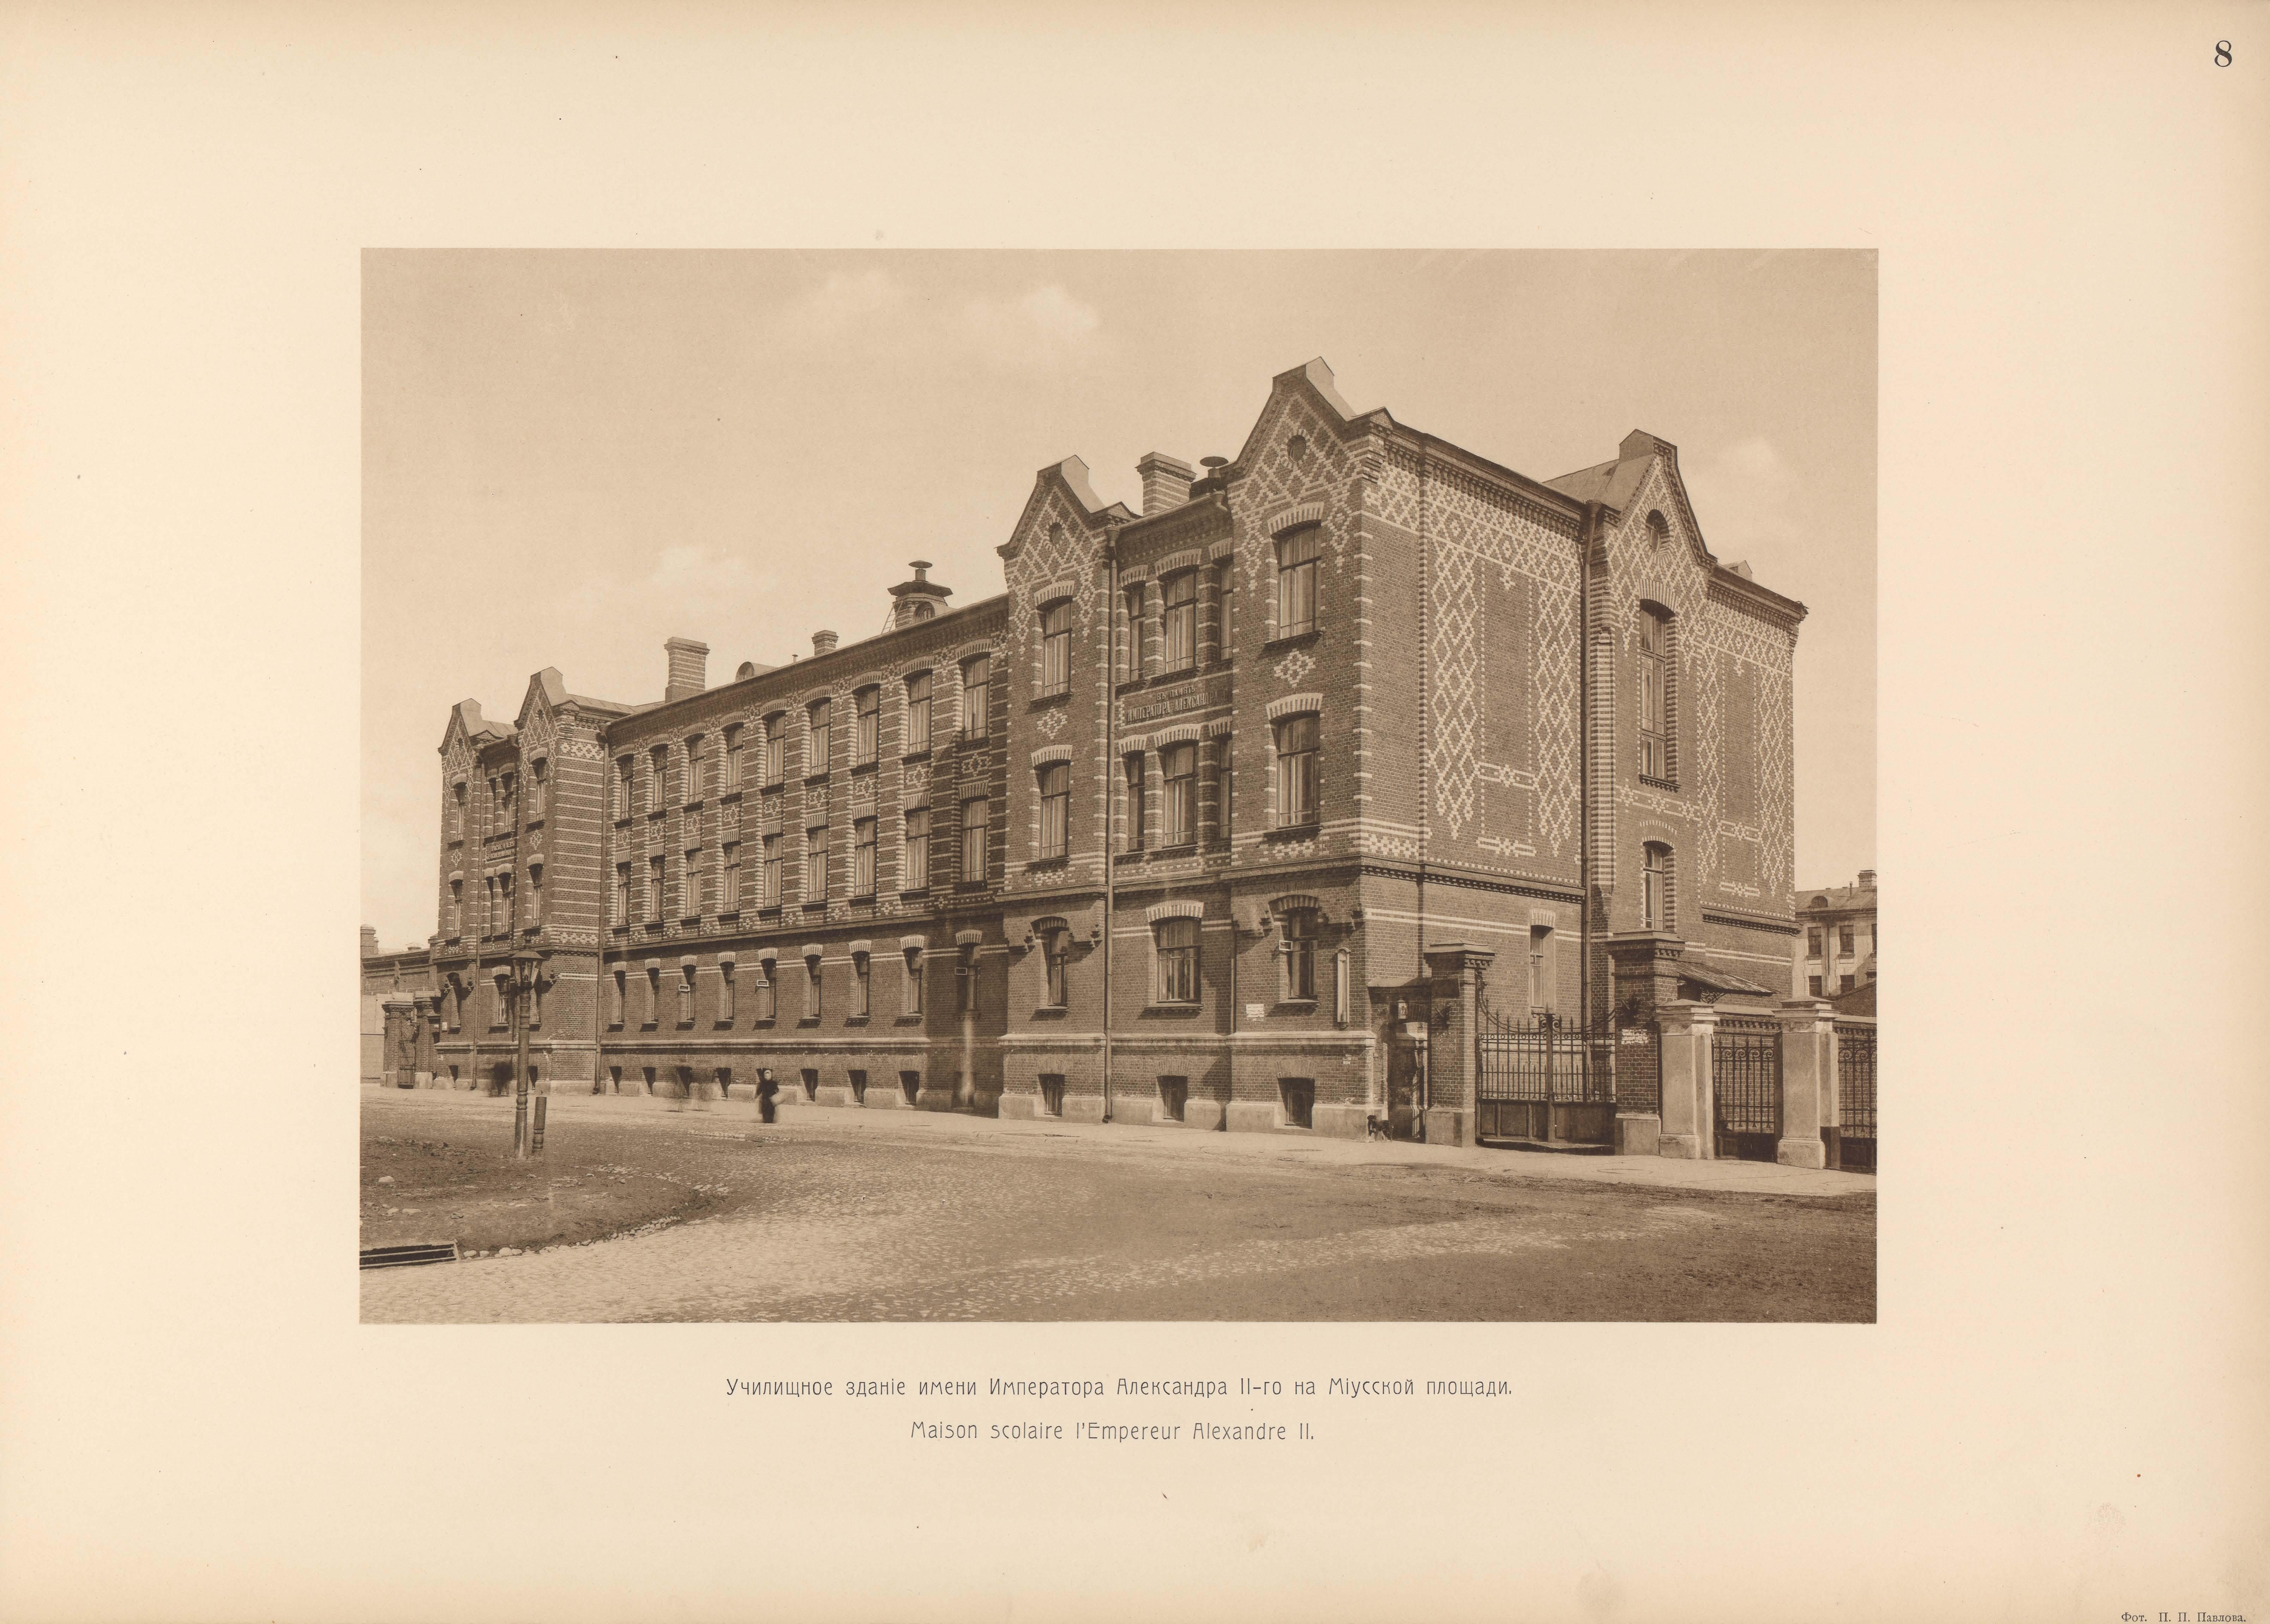 Училищное зданiе им. Императора Александра II